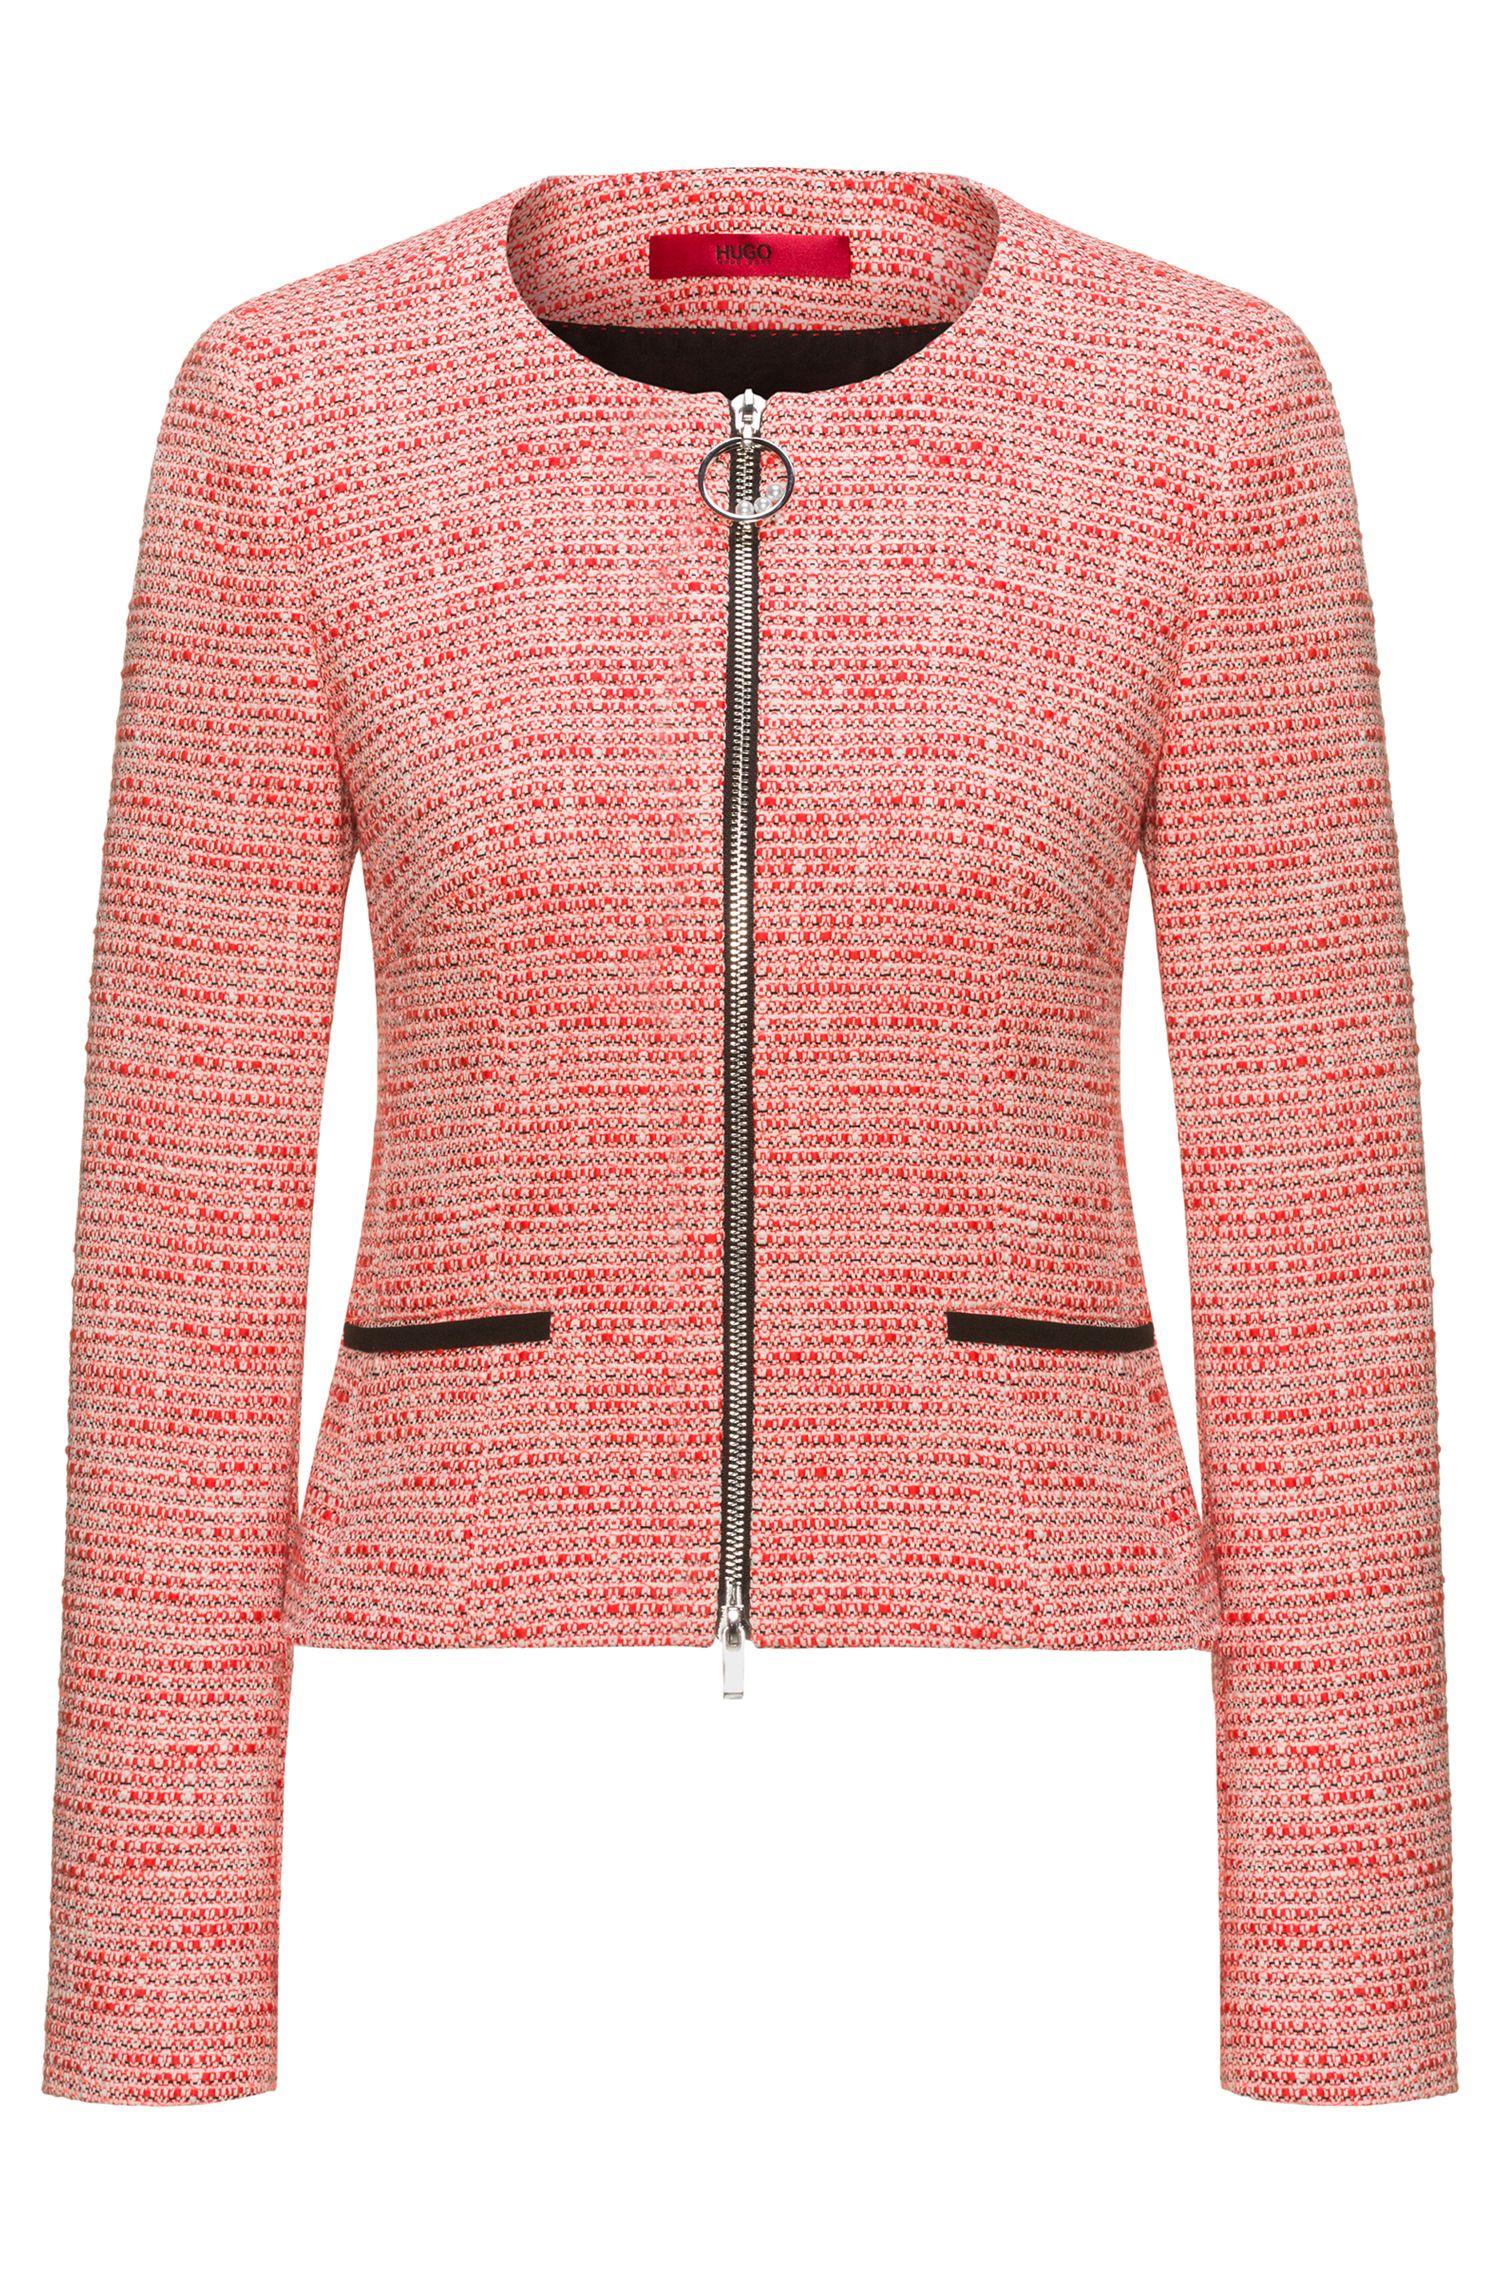 Regular-fit jasje van tweed in een katoenmix met doorlopende rits